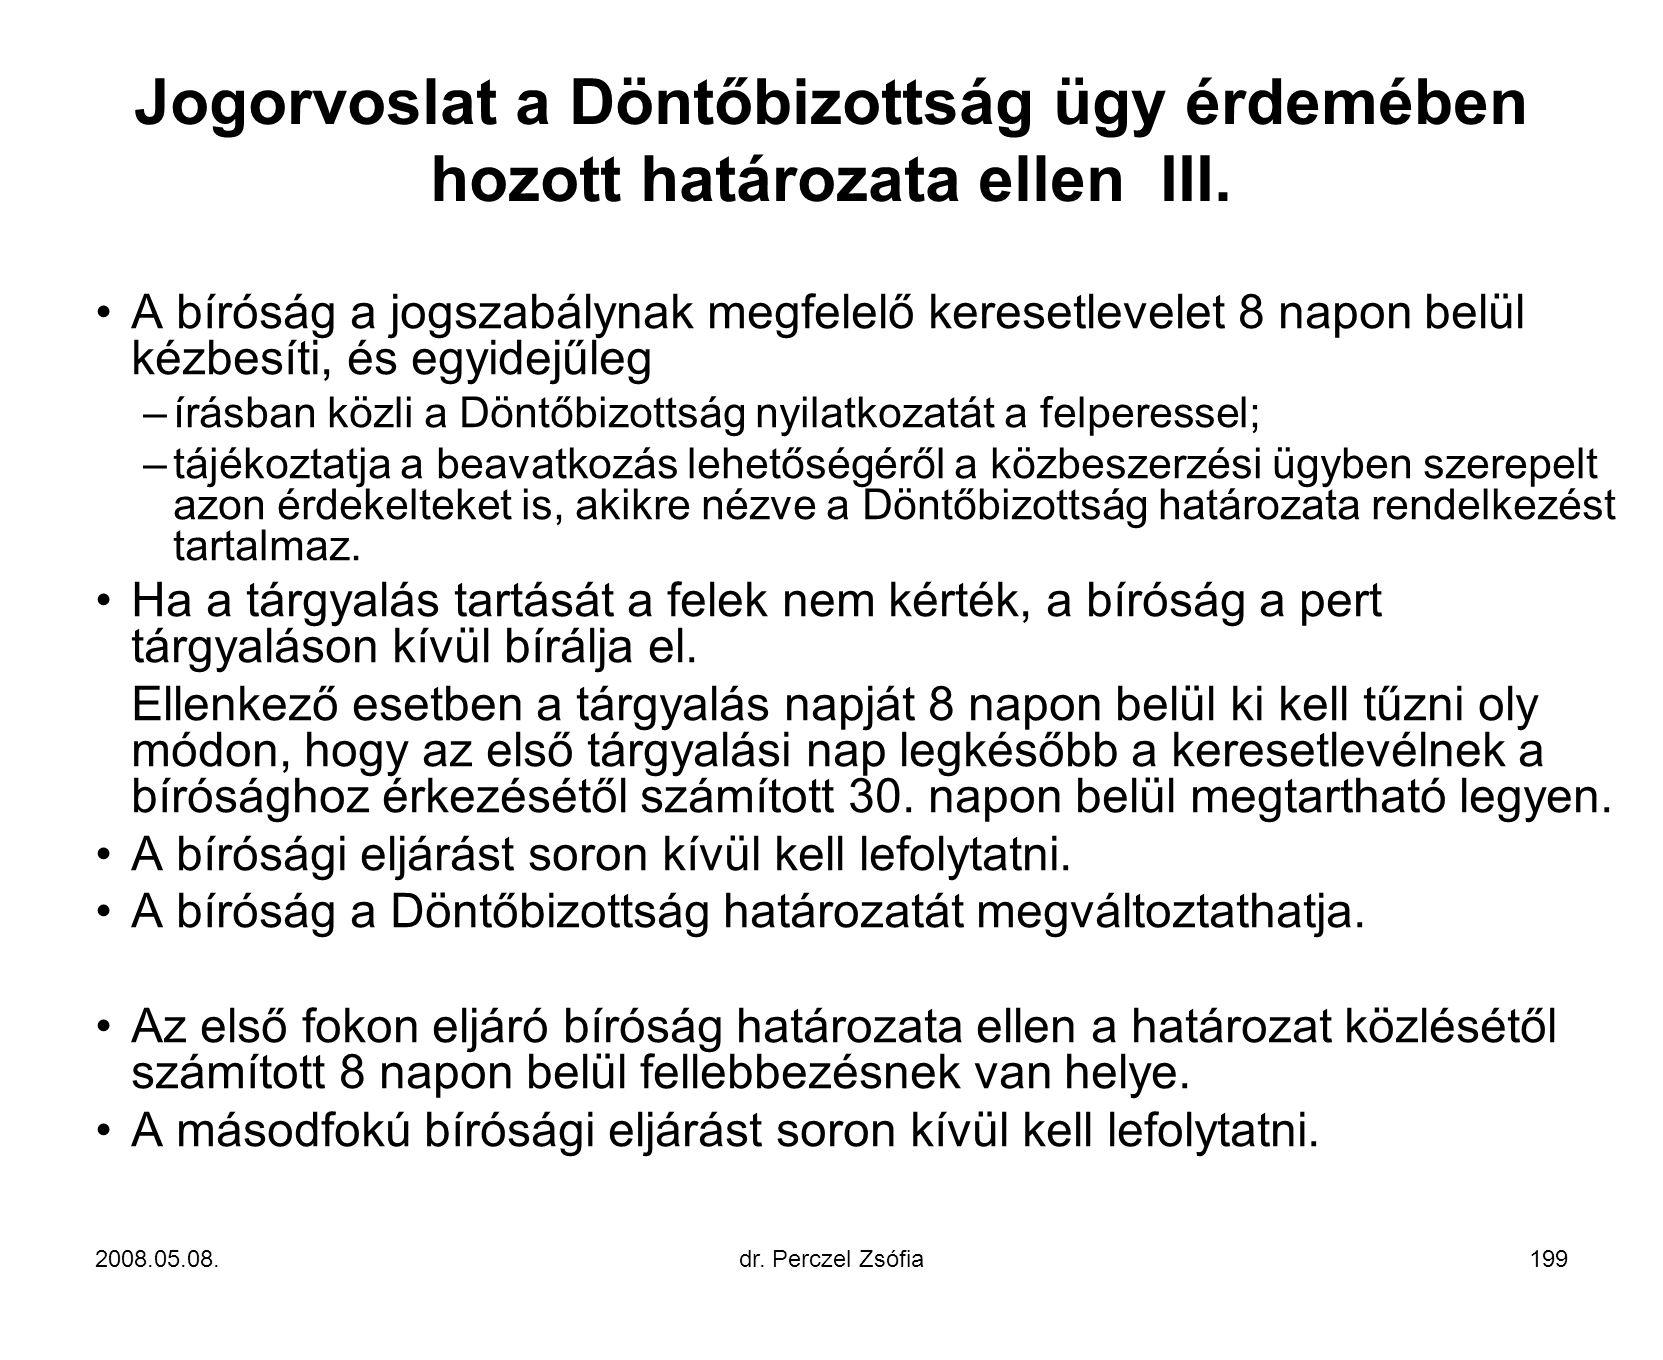 Jogorvoslat a Döntőbizottság ügy érdemében hozott határozata ellen III.